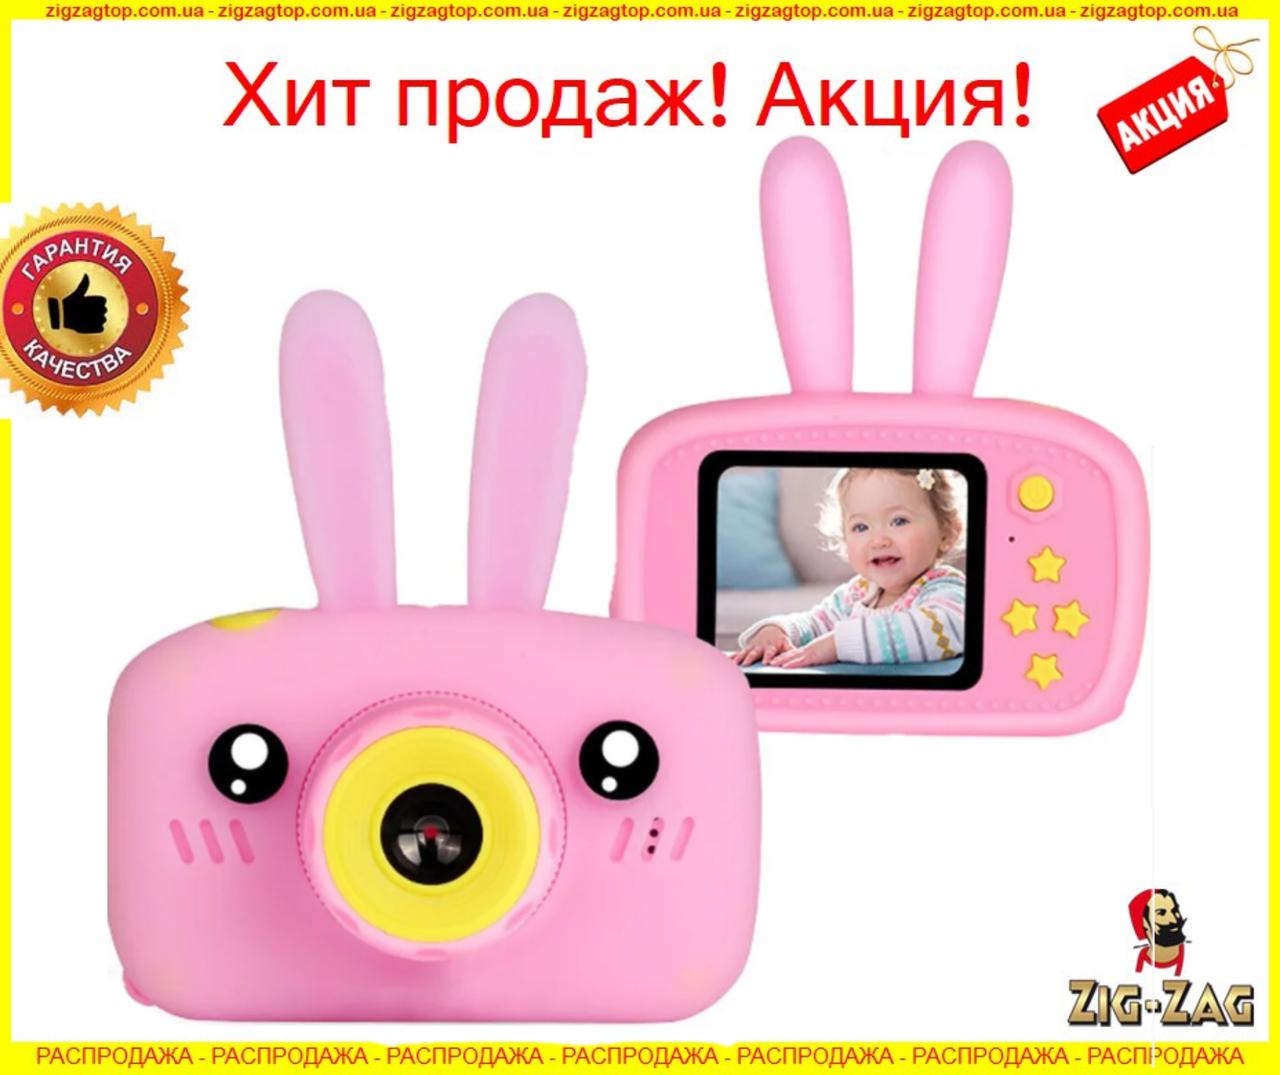 Дитячий цифровий Фотоапарат з Вушками Smart Kids Camera 3 серії Full HD 1080Р Рожевий, Синій, Жовтий ТОП!